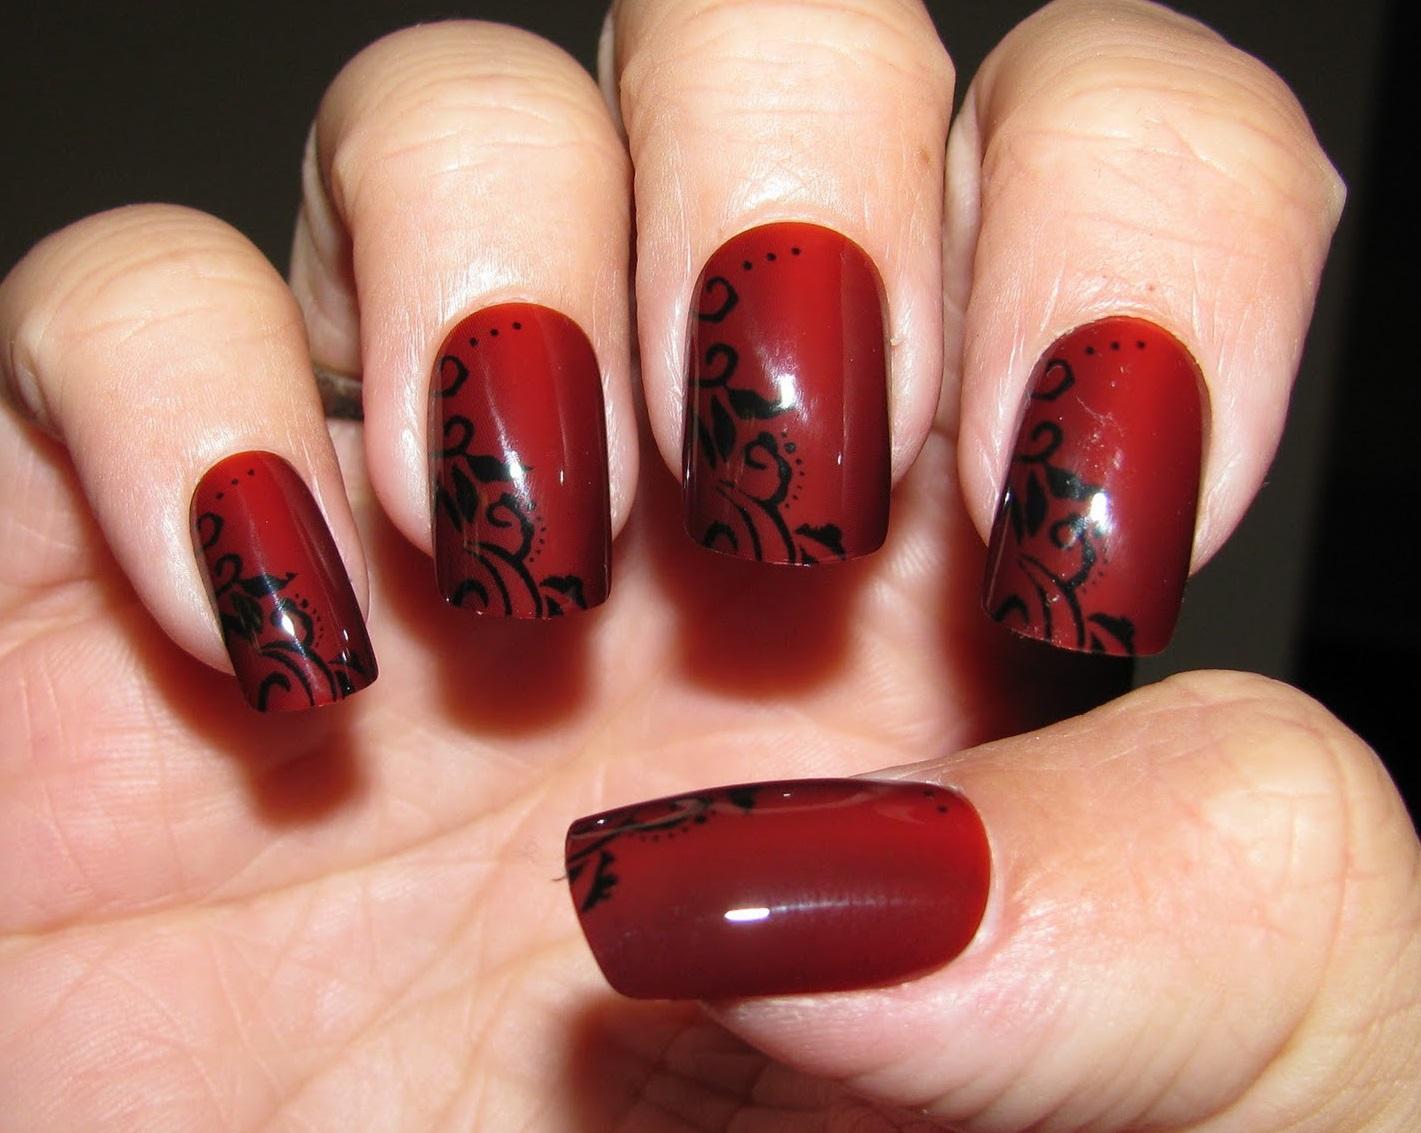 Черная роспись на красно-бордовых ногтях